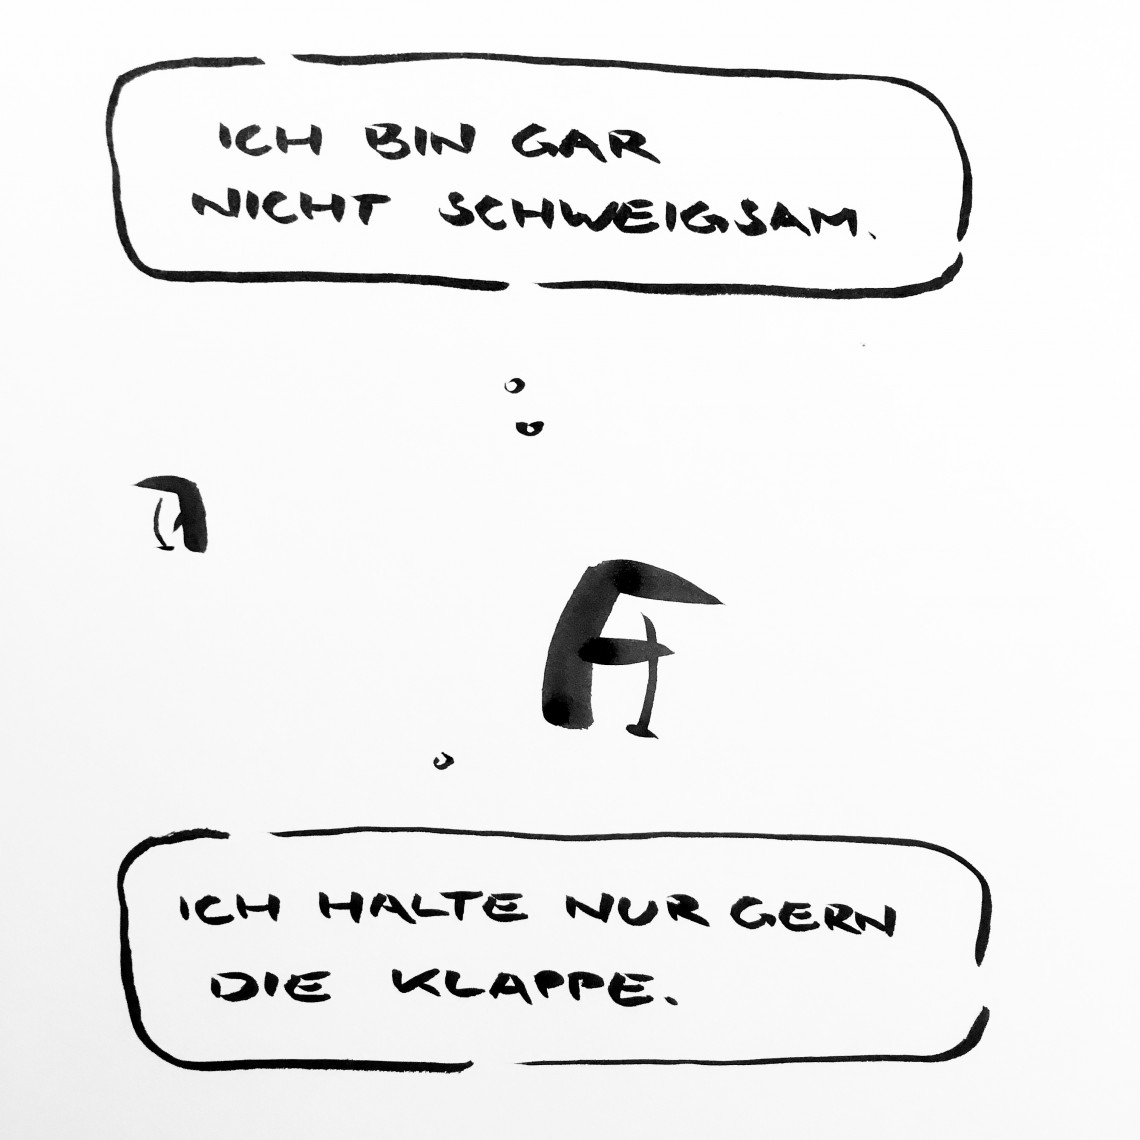 025_schweigsam